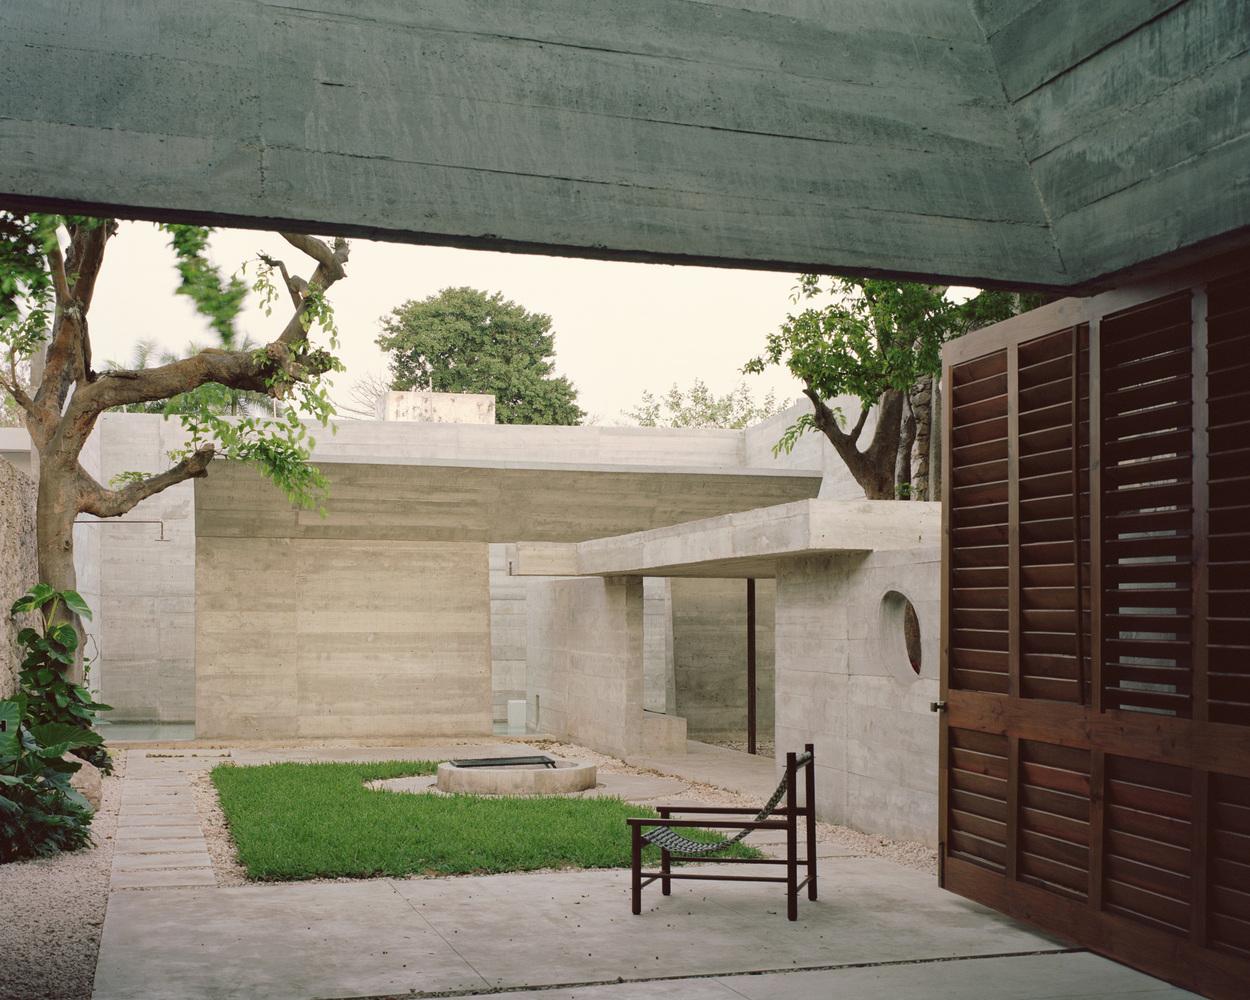 清水混凝土:自然本真的建筑设计